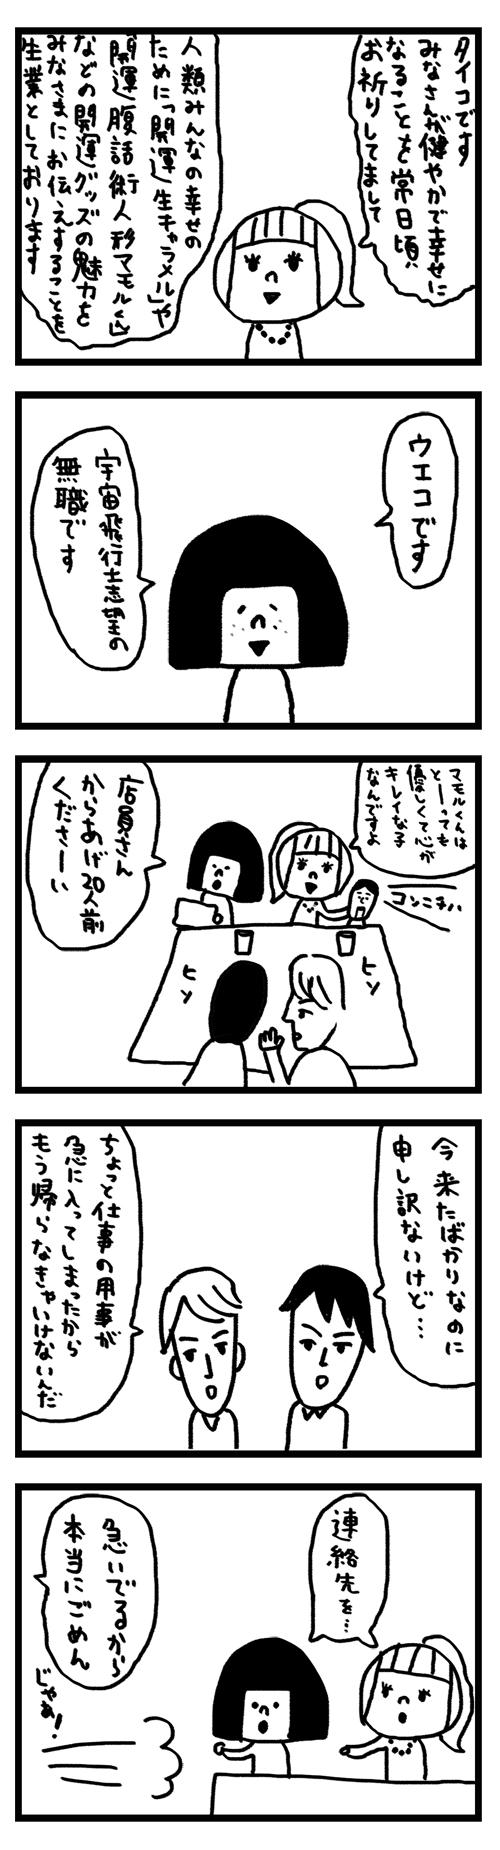 モテないアラサー女です 漫画 3